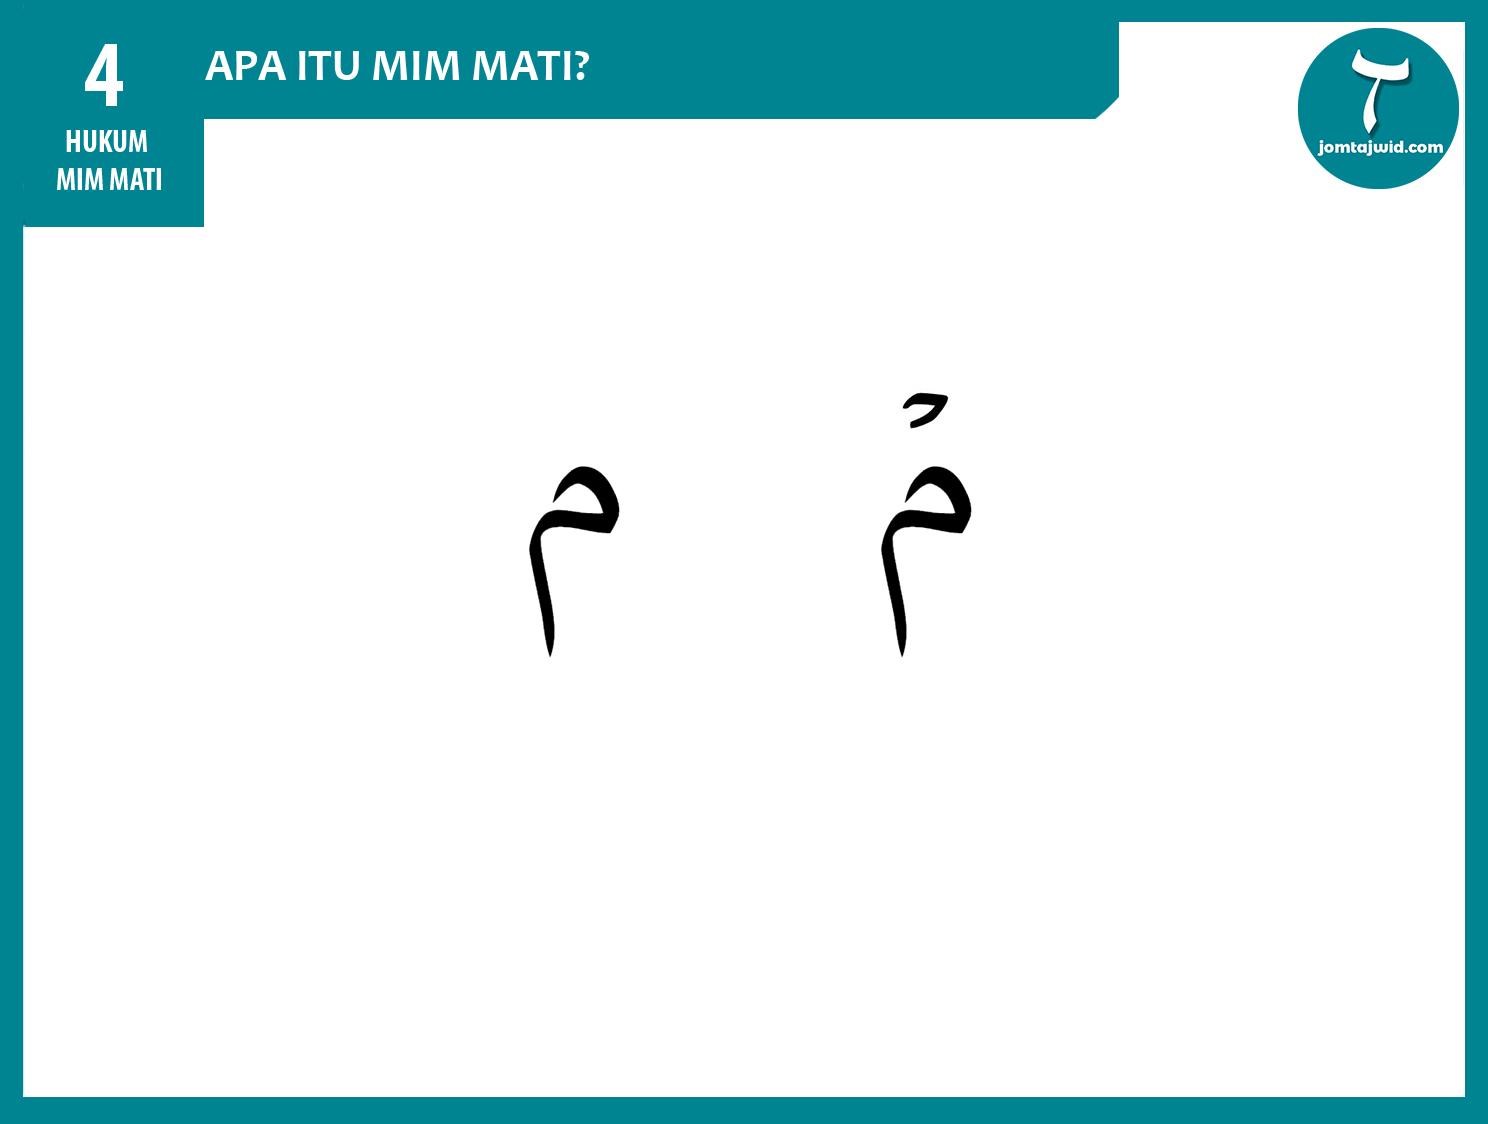 JomTajwid - Hukum Mim Mati 1a